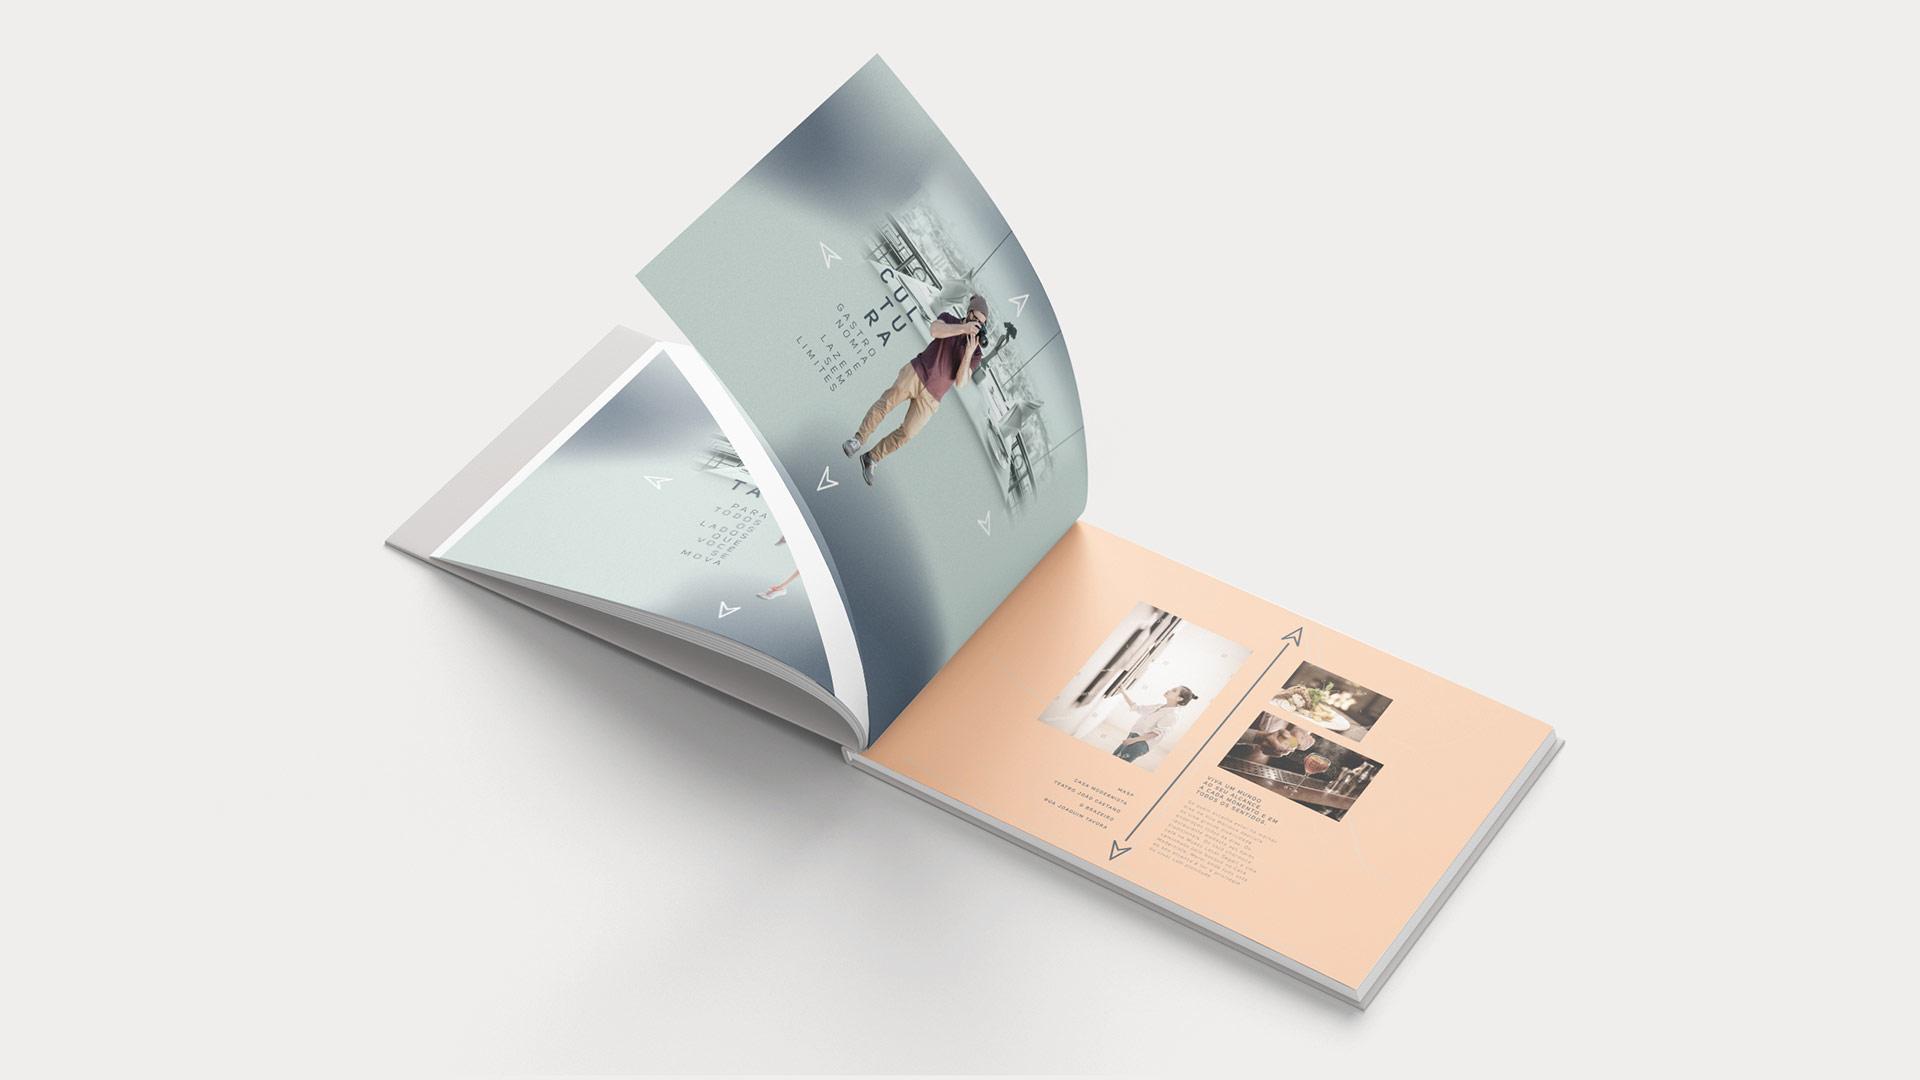 book_axis_2